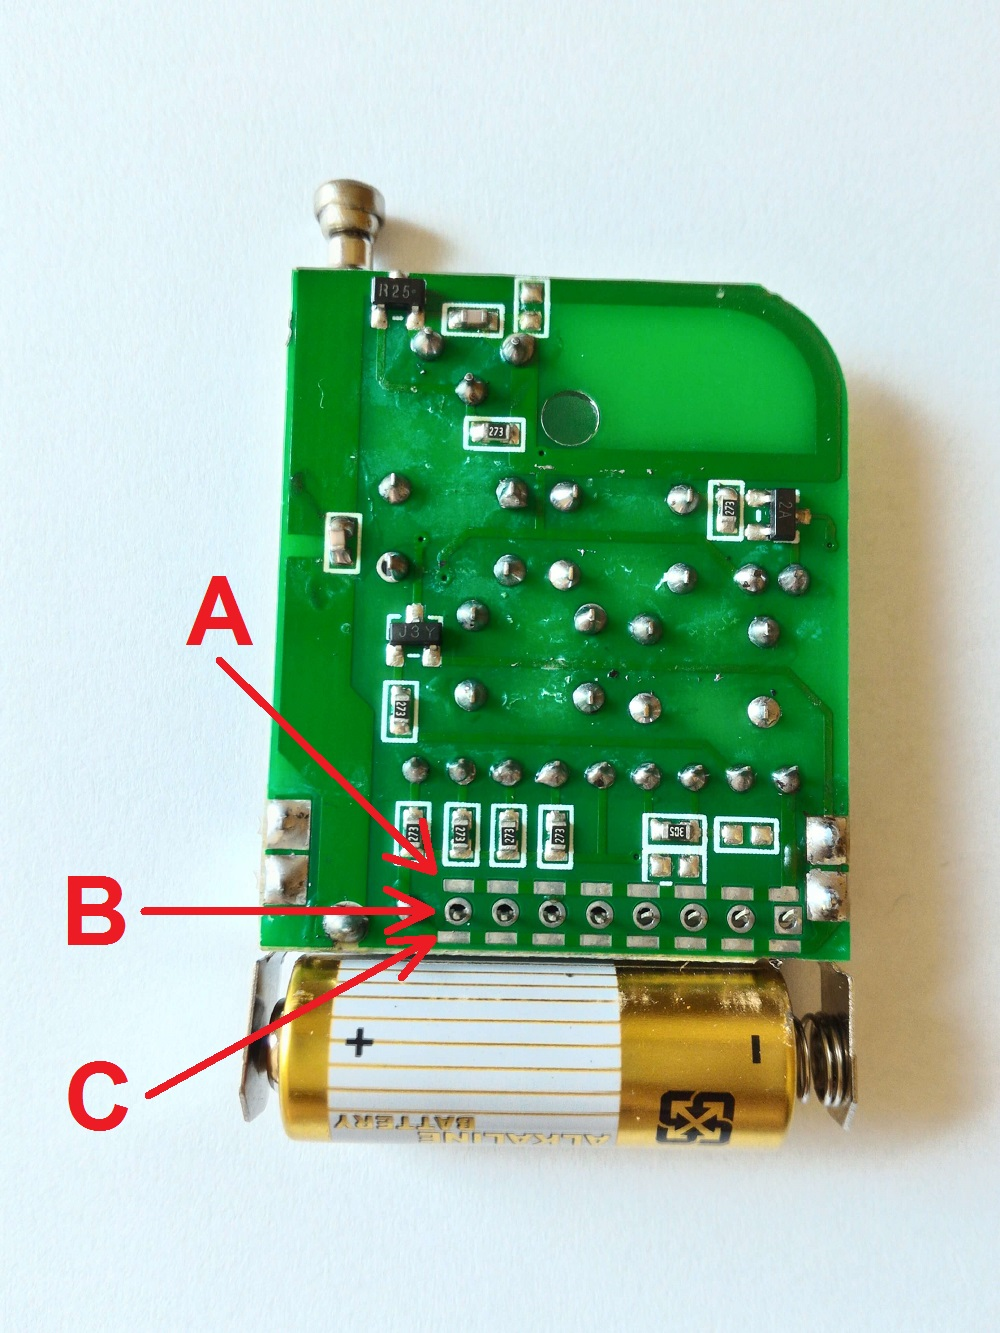 img02_utilizando_controle_remoto_rf_e_receptor_rf_433_315_mhz_arduino_pisca_piscando_led